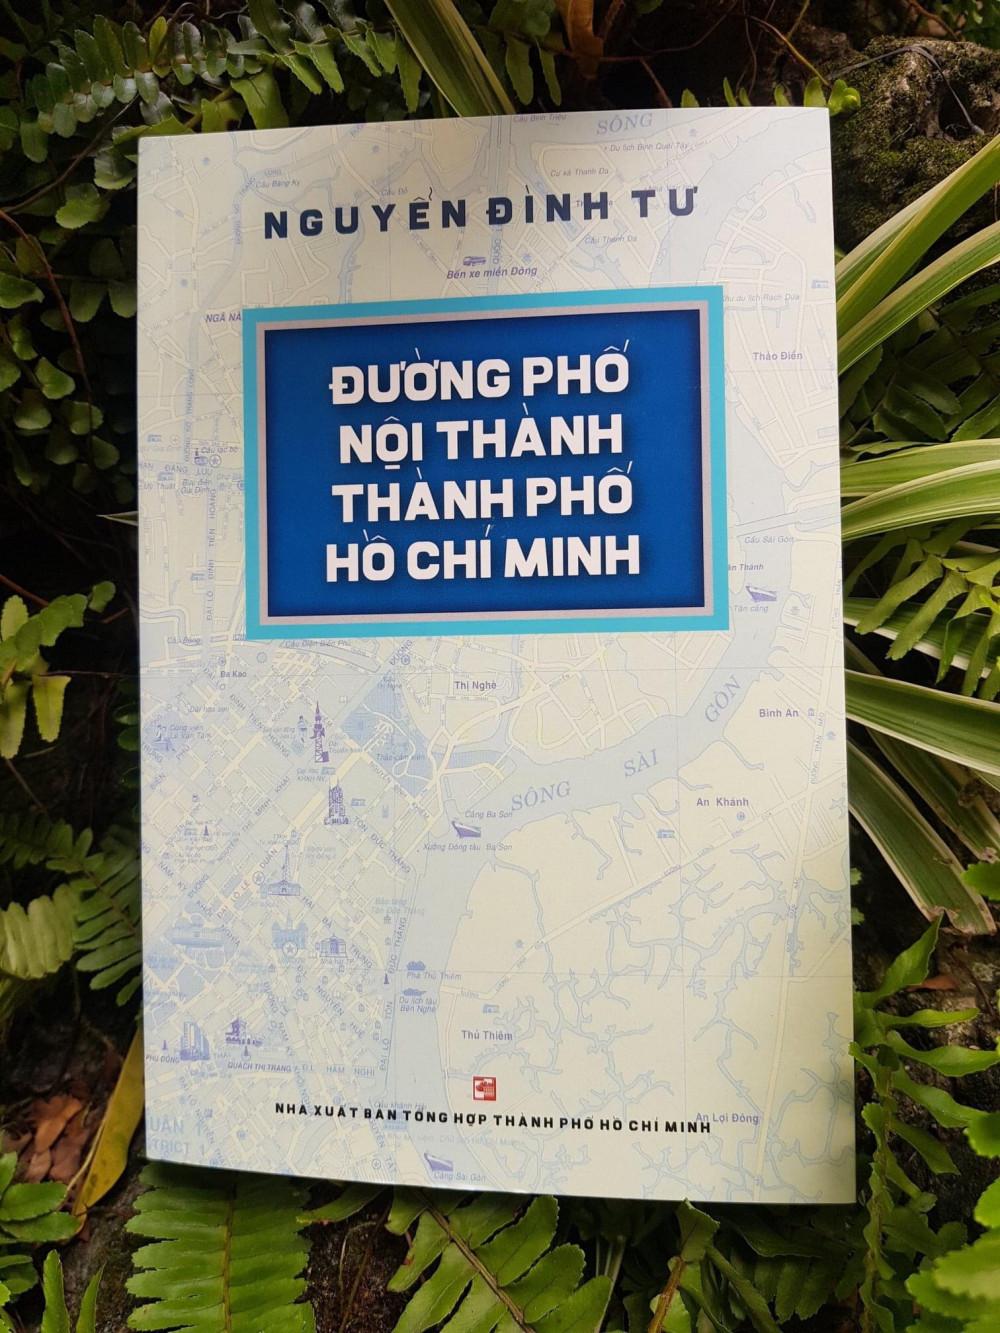 Sổ tay đường phố của nhà nghiên cứu Nguyễn Đình Tư